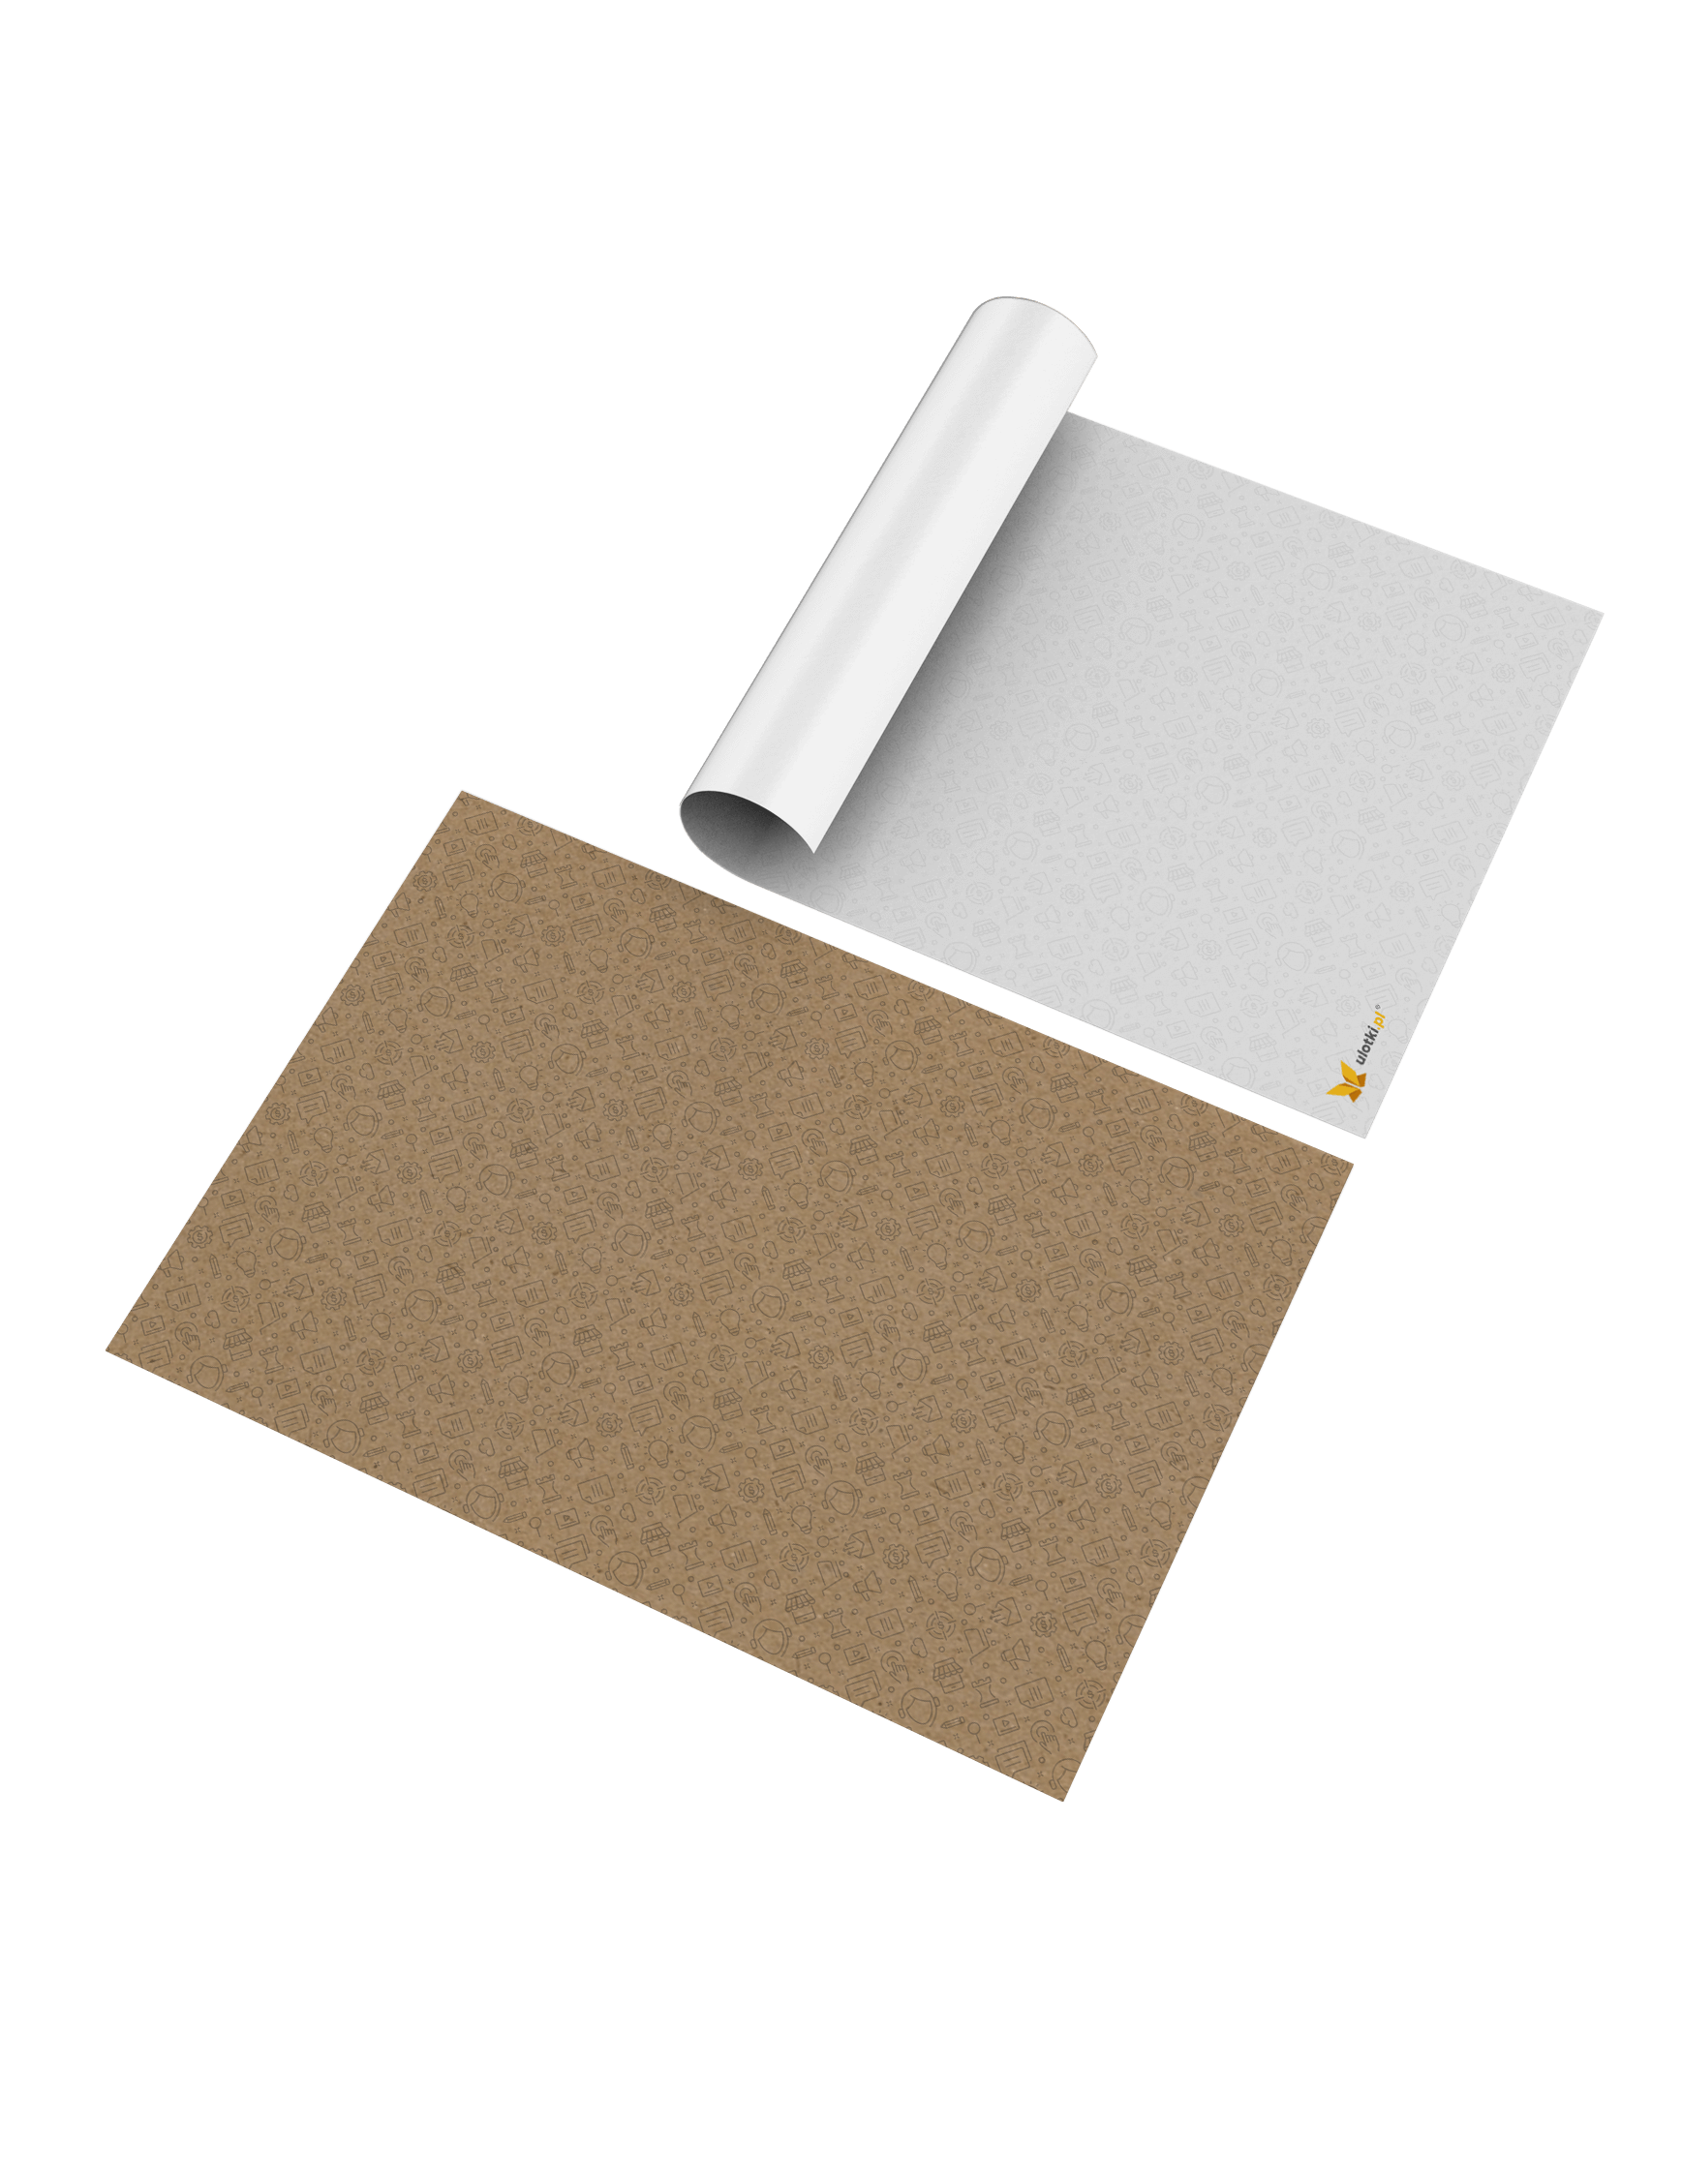 Papier firmowy ekologiczny